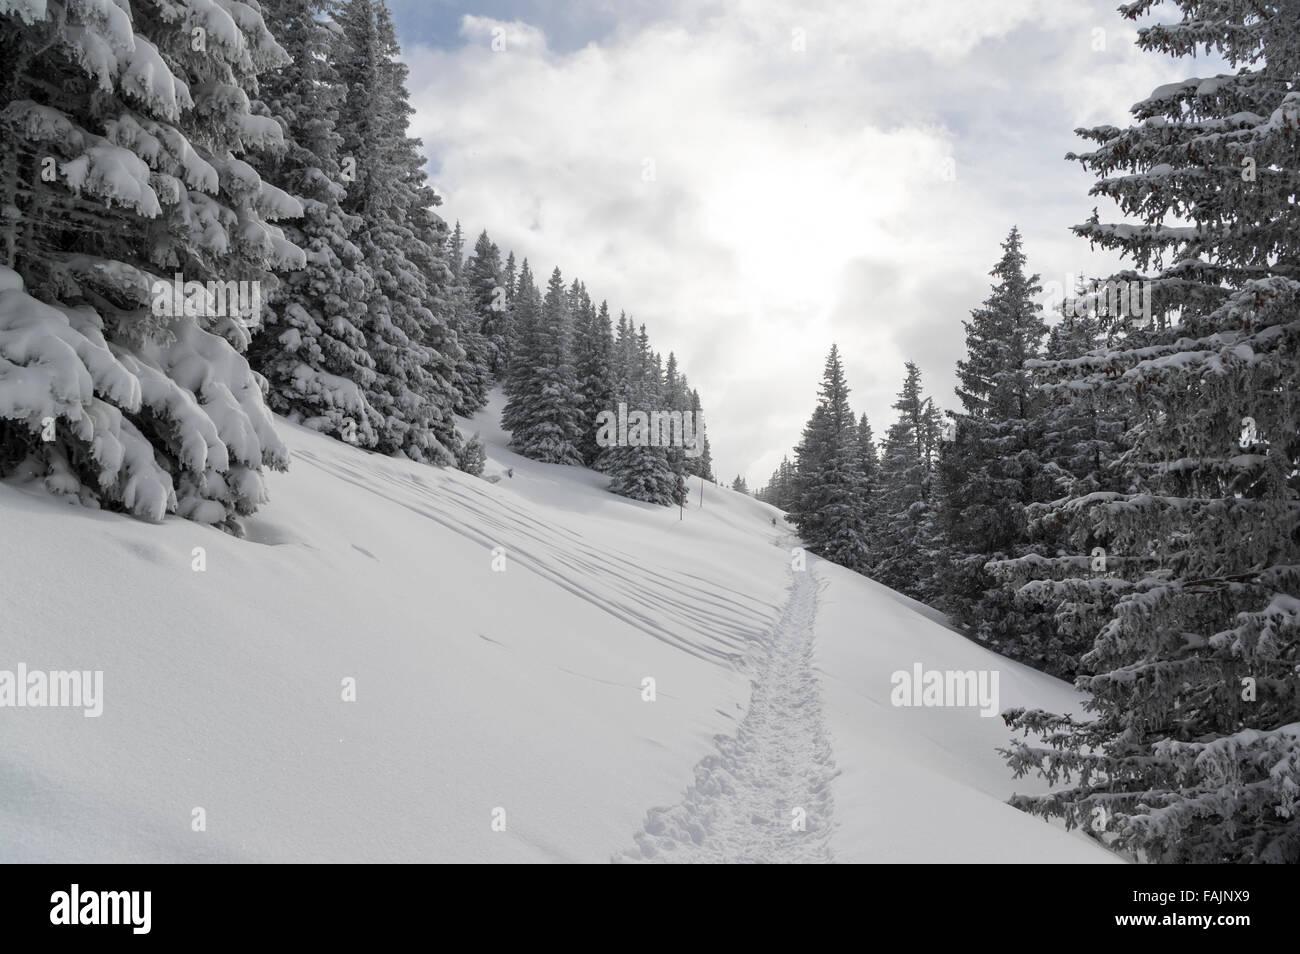 Sentier de randonnée en raquettes dans les Alpes suisses entre les arbres. Eggberge, Canton d'Uri, en Suisse. Photo Stock